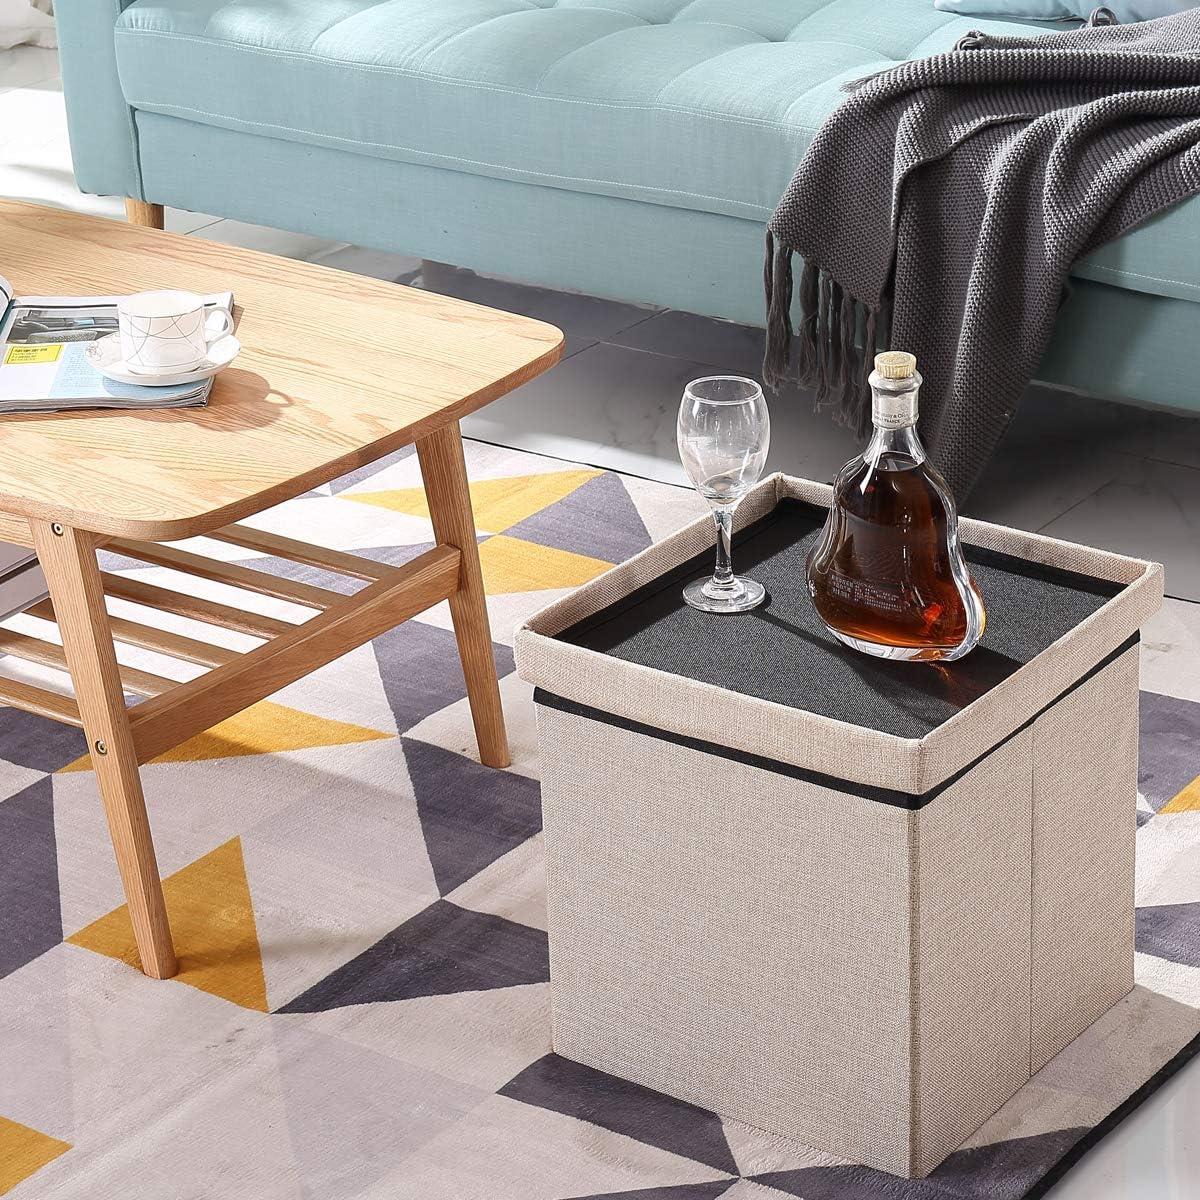 BRIAN /& DANY Pouf Puff Poggiapiedi Sgabello Contenitore Cassapanca Pieghevole Crema- Tessuto Come Lino, 38 x 38 x 38 cm